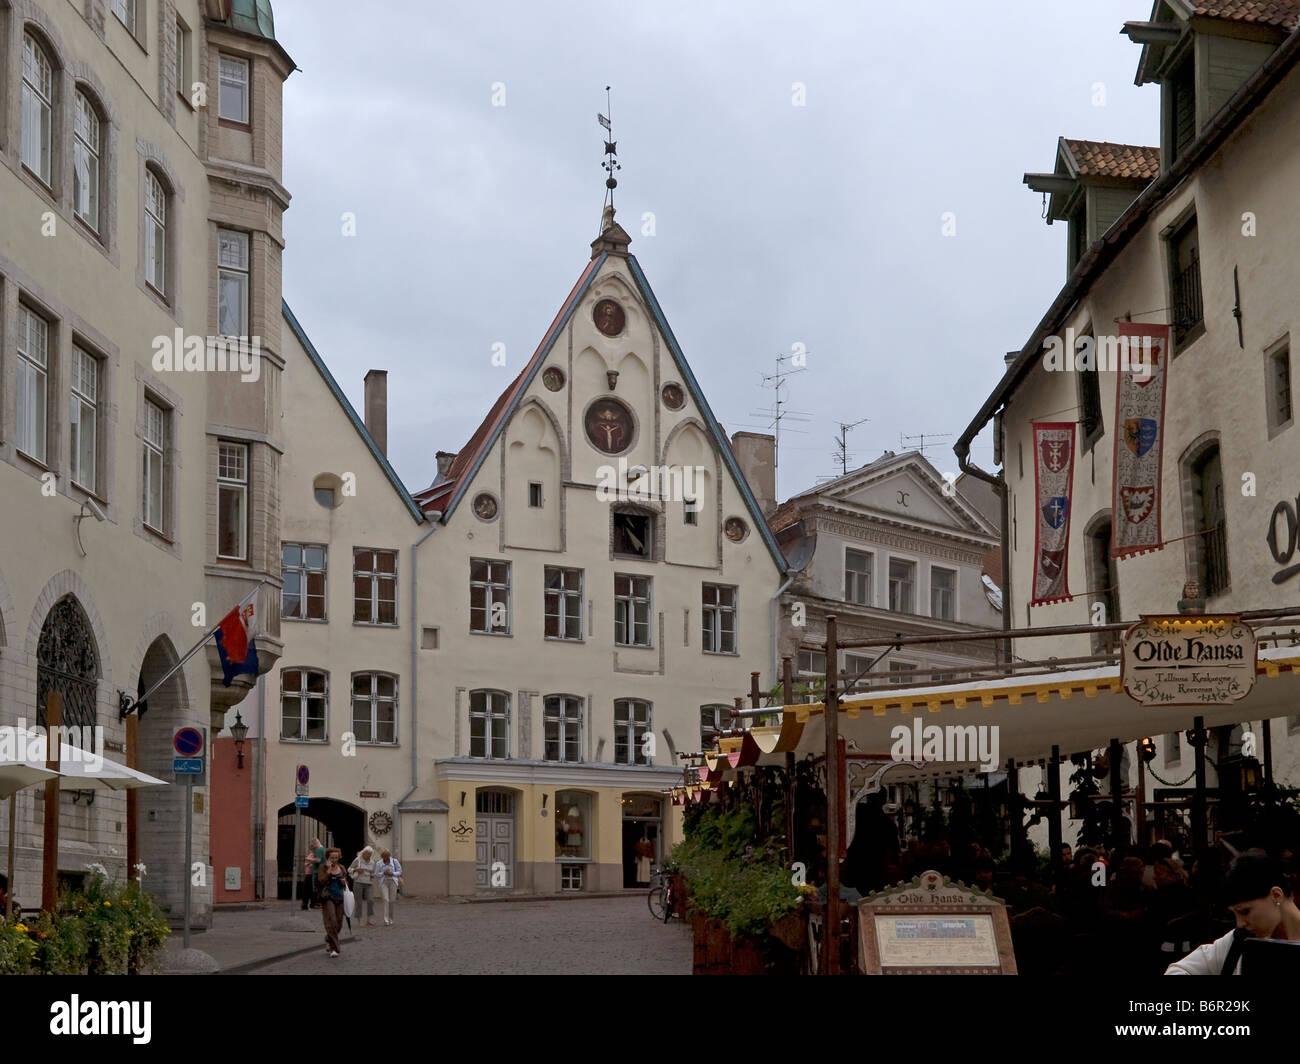 street historical mediaeval houses restaurant Olde Hansa oldest restaurant of Tallinn in the old town of Tallinn - Stock Image